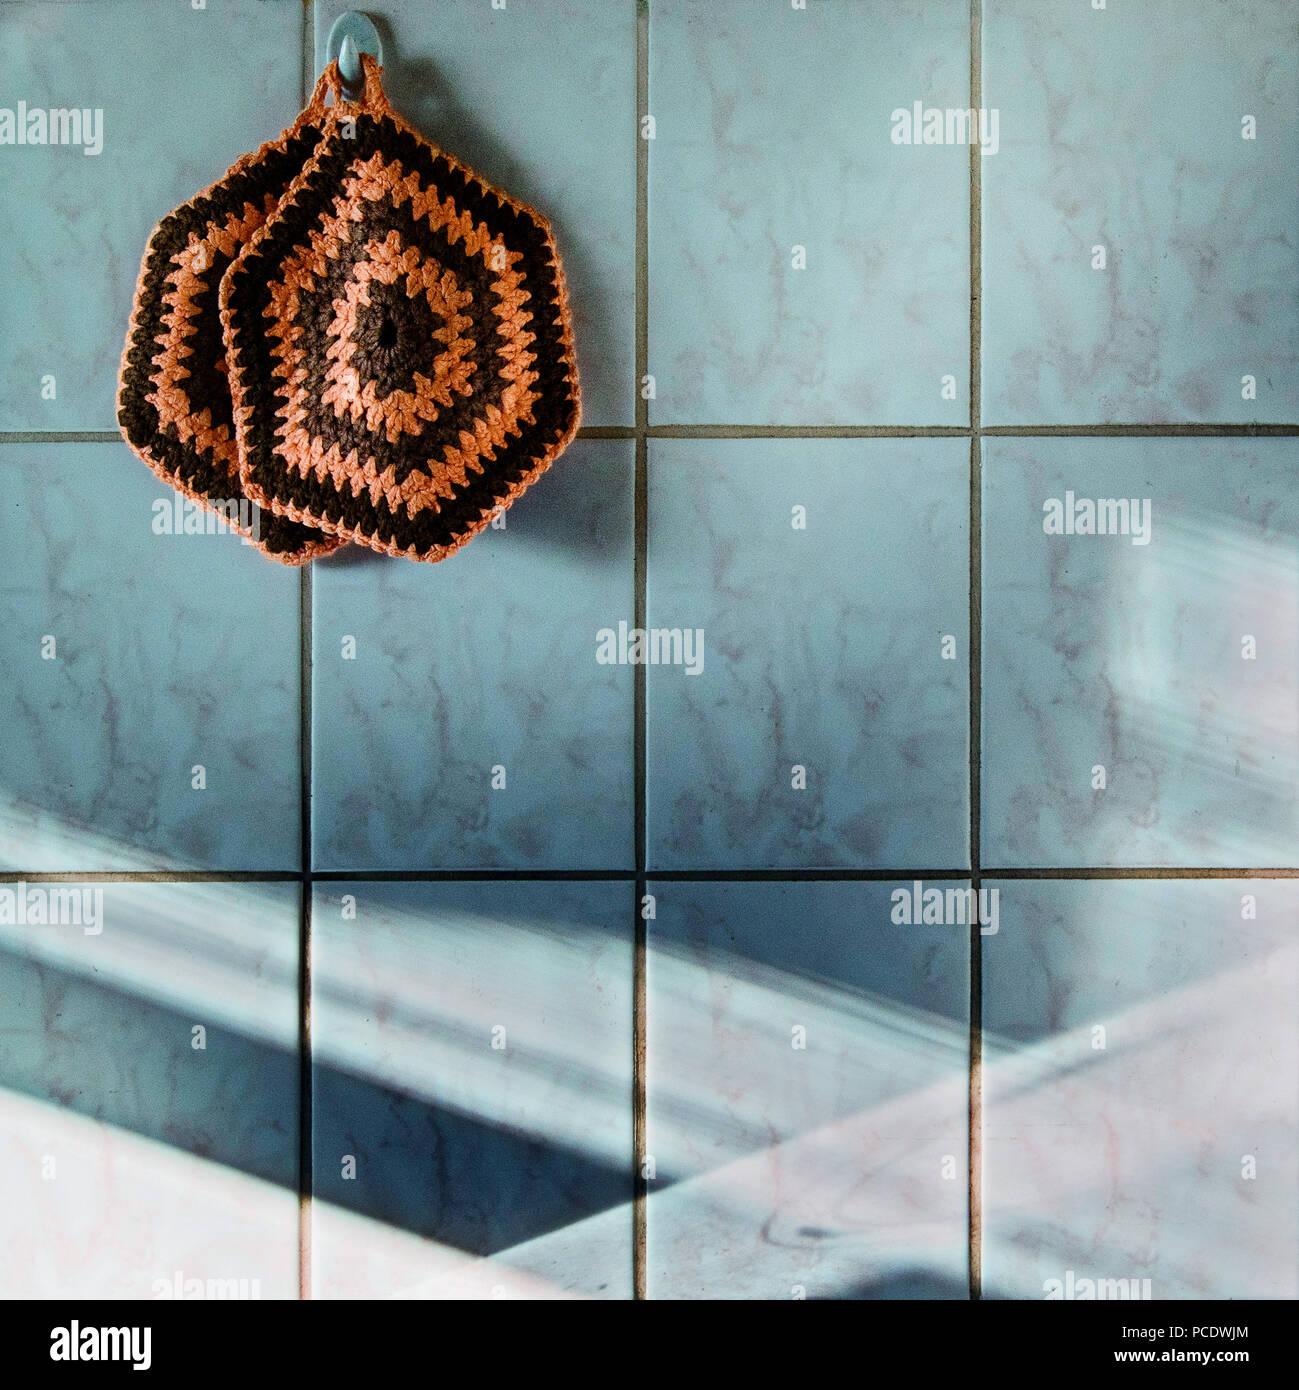 household,kitchen,tiles,oven mitt - Stock Image